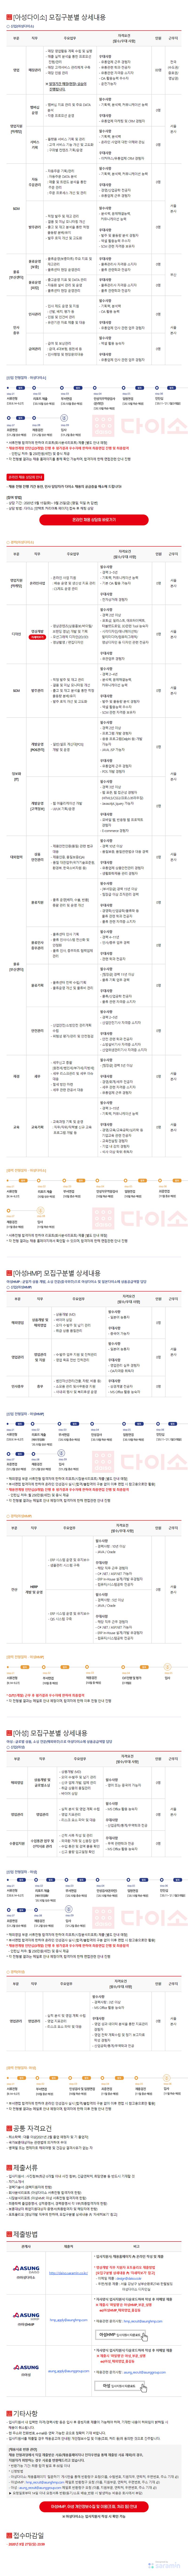 (주)아성다이소 2020년 하반기 아성다이소 및 관계사 신입/경력사원 공개 채용